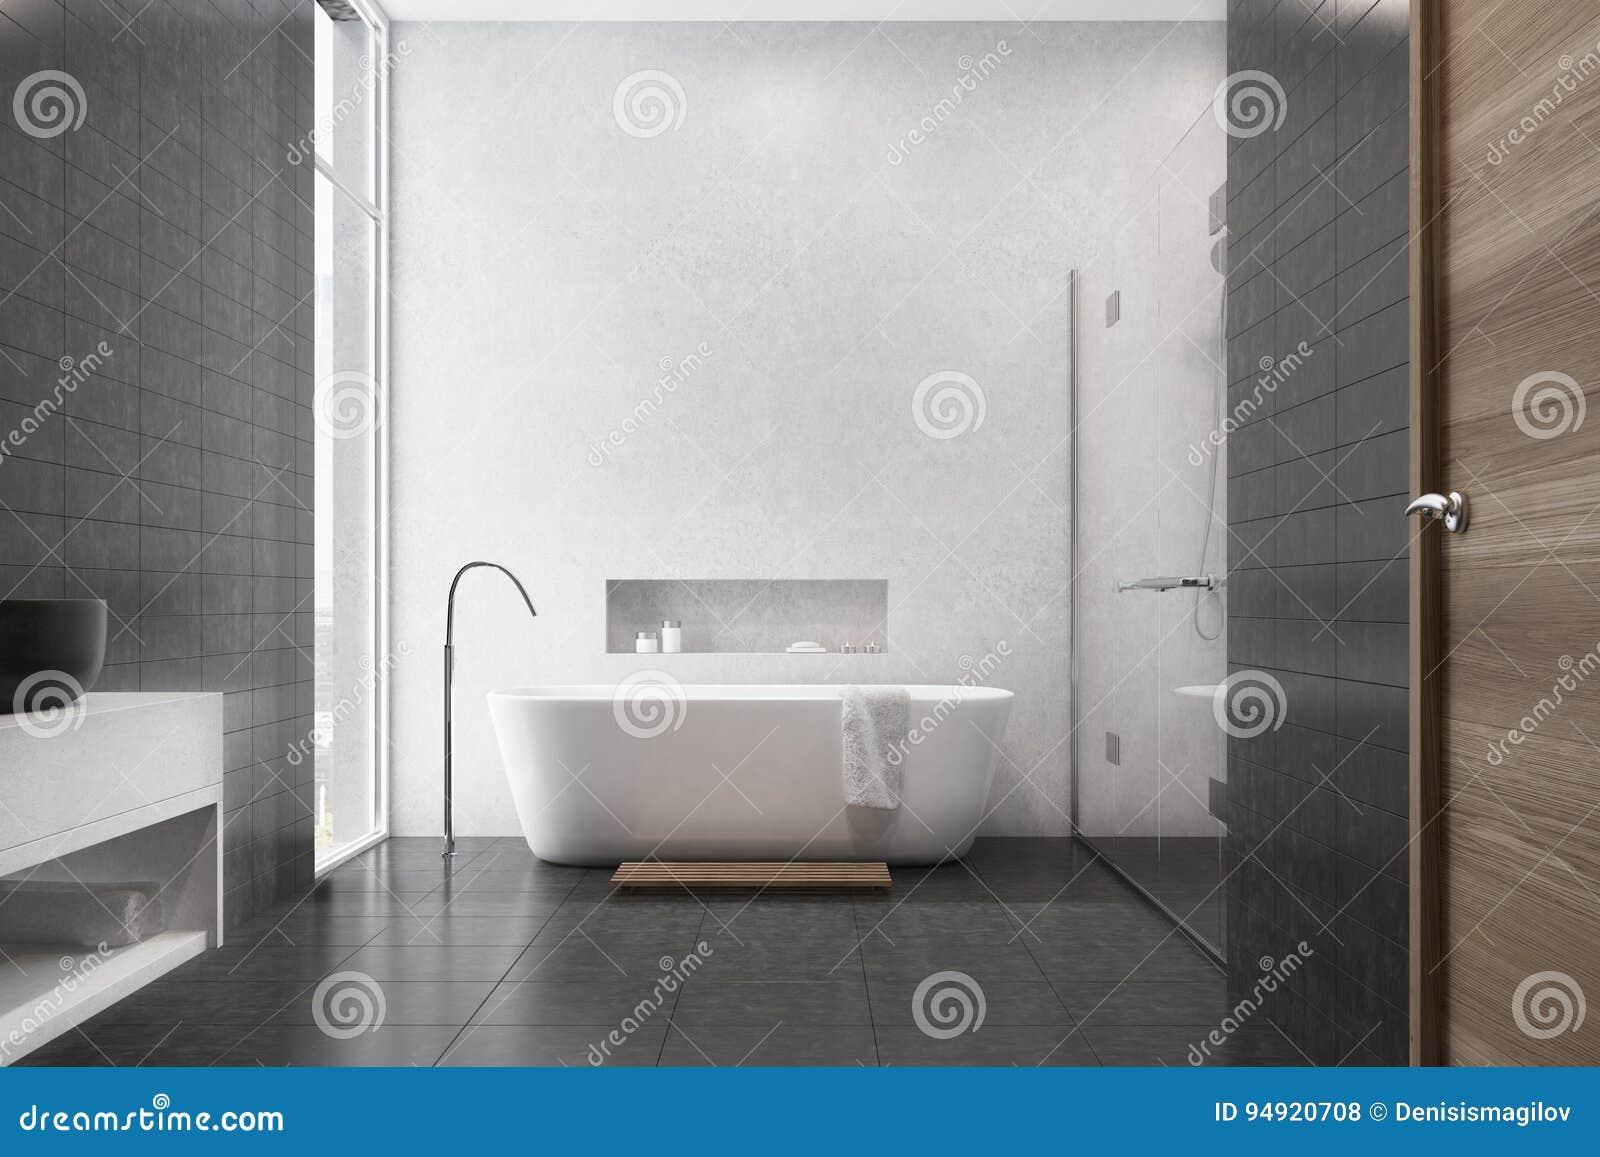 Weißes Badezimmer, Schwarze Fliesen, Wanne Stock Abbildung ...